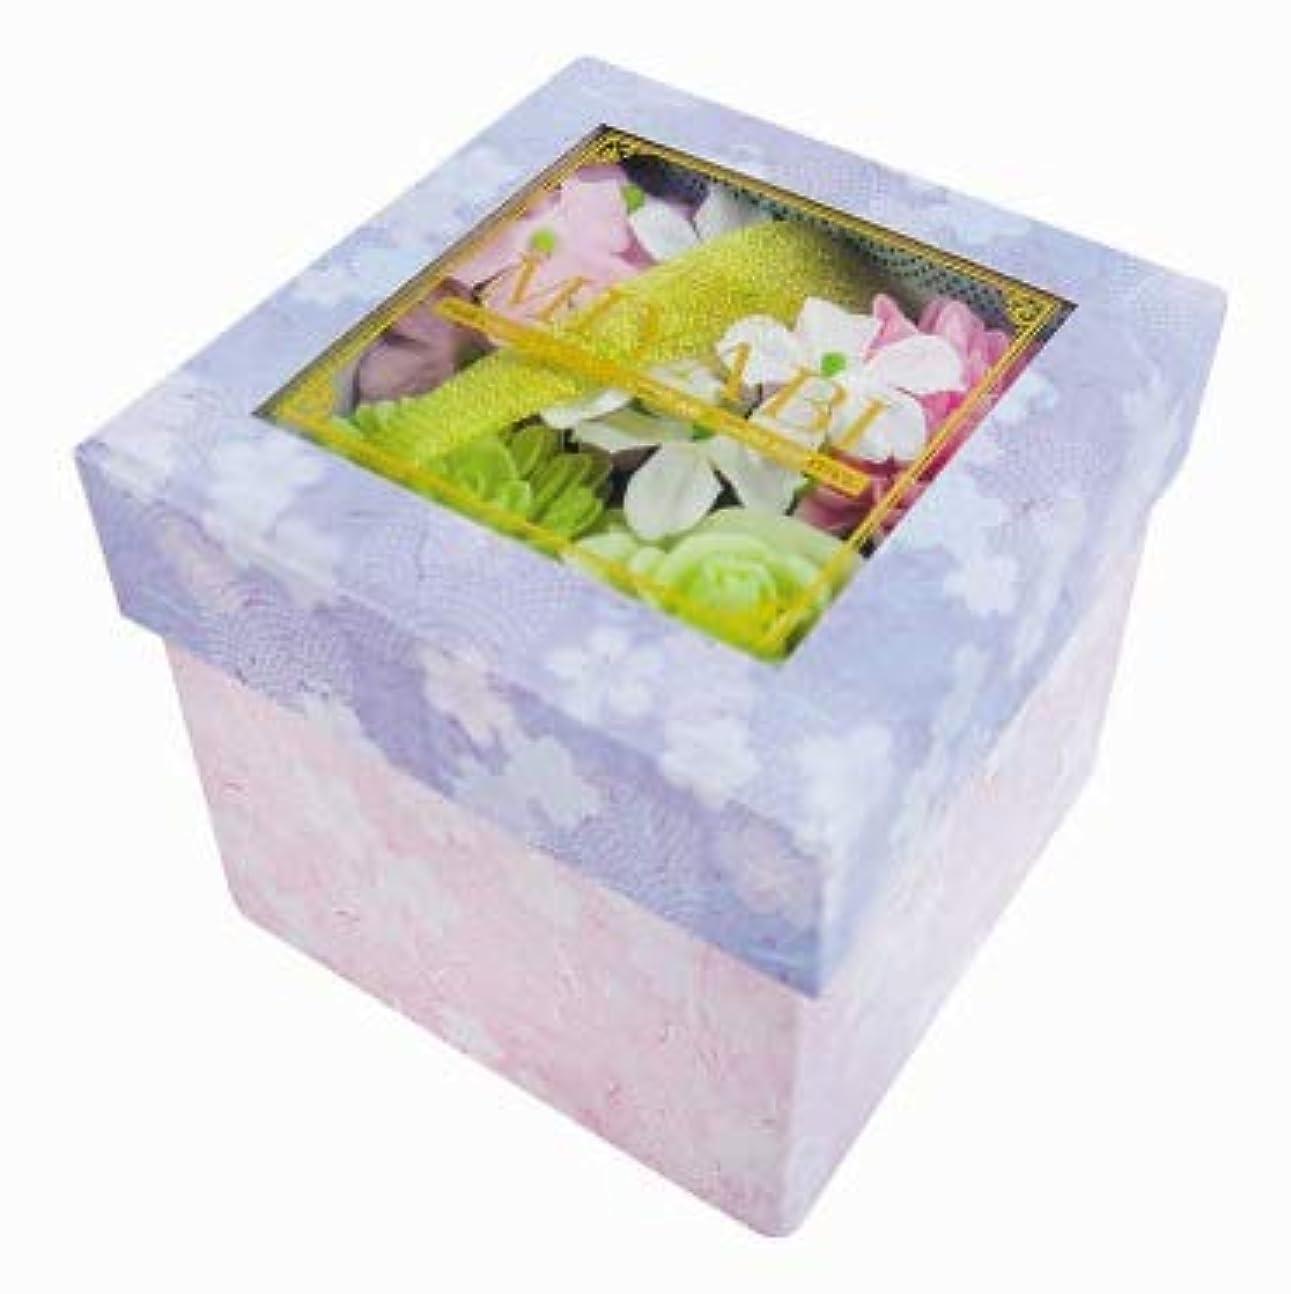 バリケード着替える却下する花のカタチの入浴剤 和バスフレBOX-MIYABI-M桜 775574